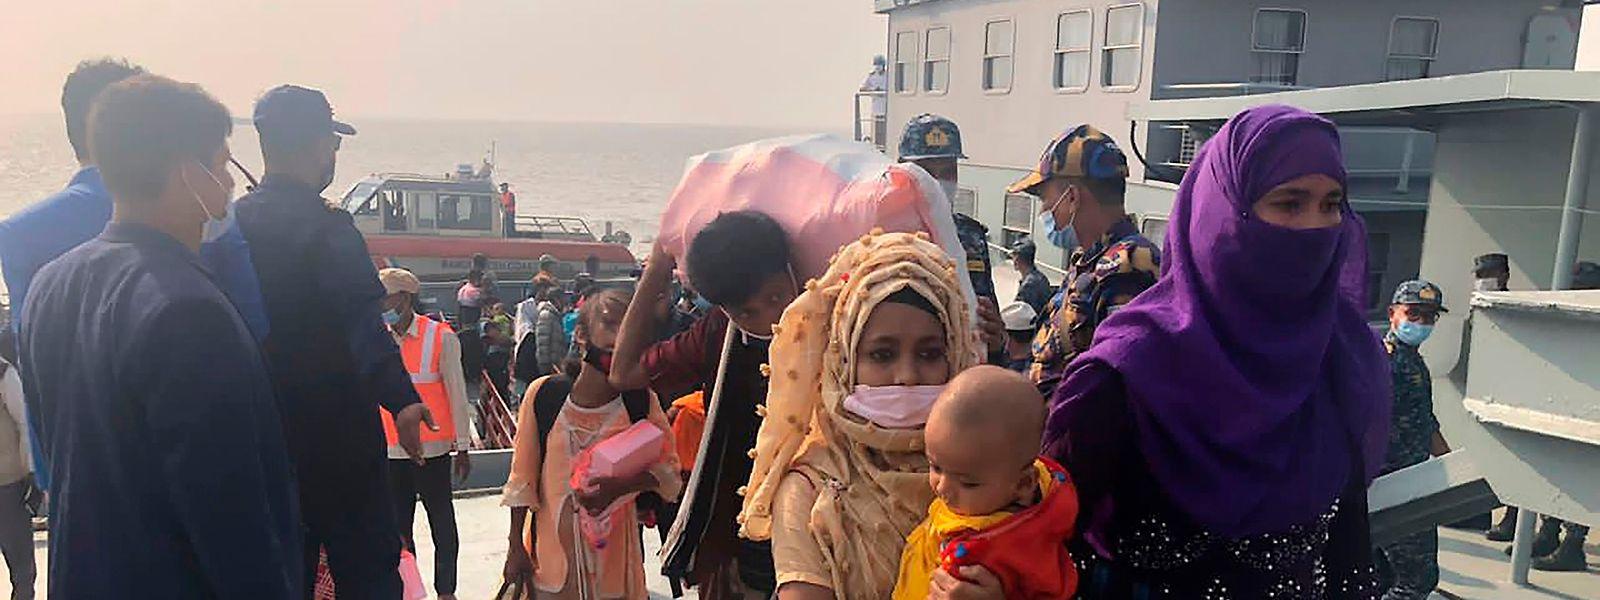 """Rohingya-Flüchtlinge bei ihrer Ankunft auf Basan Char (auf Bengali bedeutet das """"schwimmende Insel"""").Hier sollen dauerhaft  insgesamt 100000 Rohingya angesiedelt werden."""